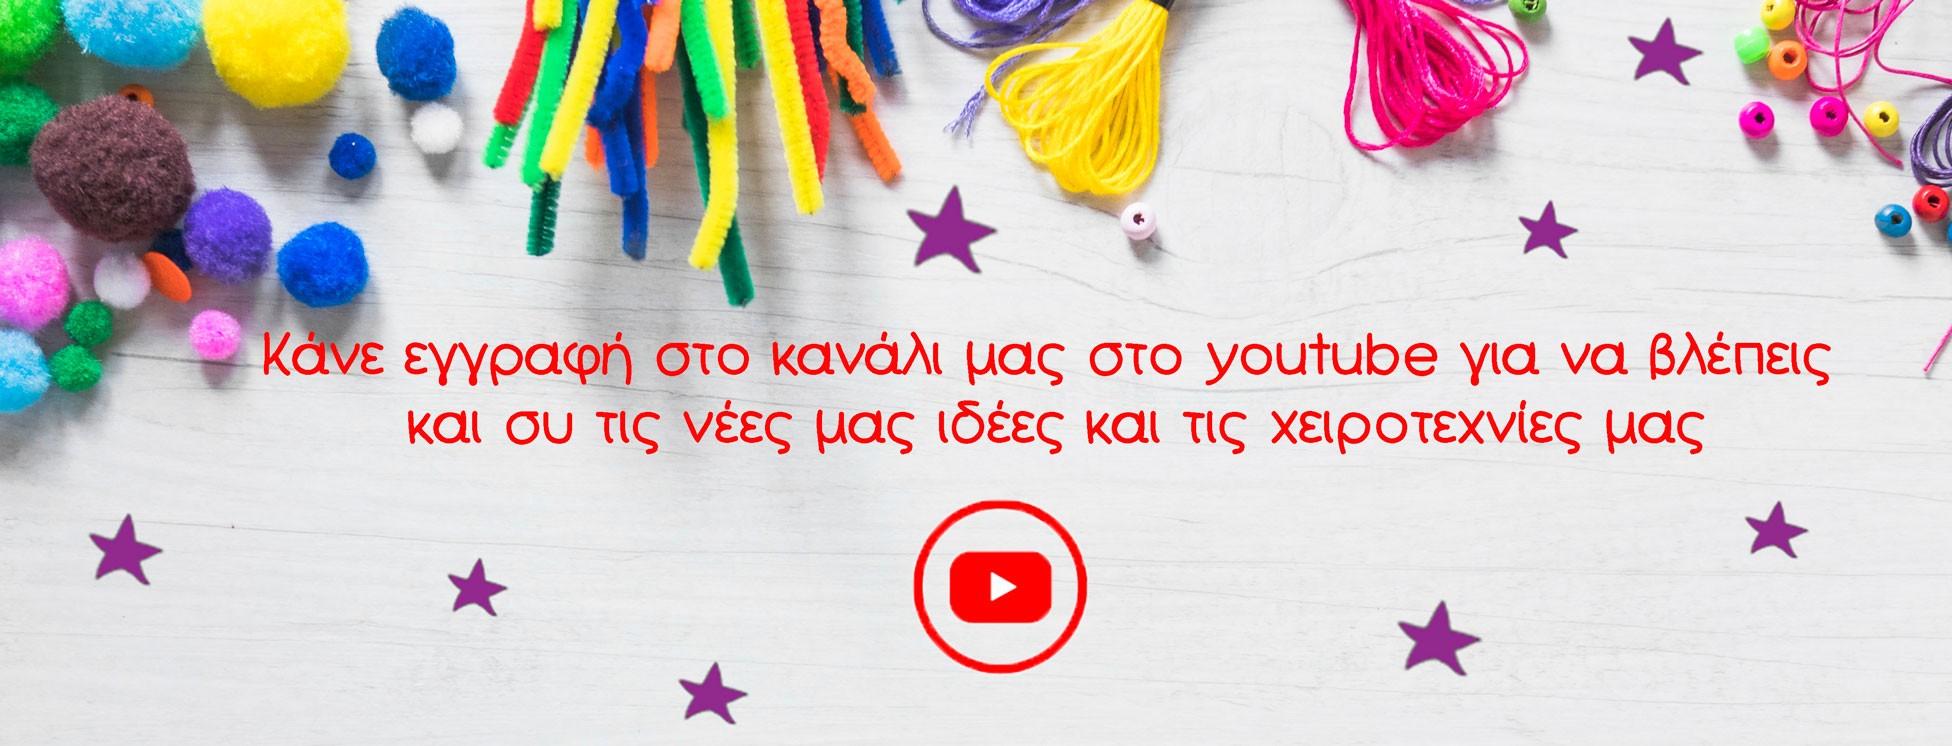 youtubestolizo